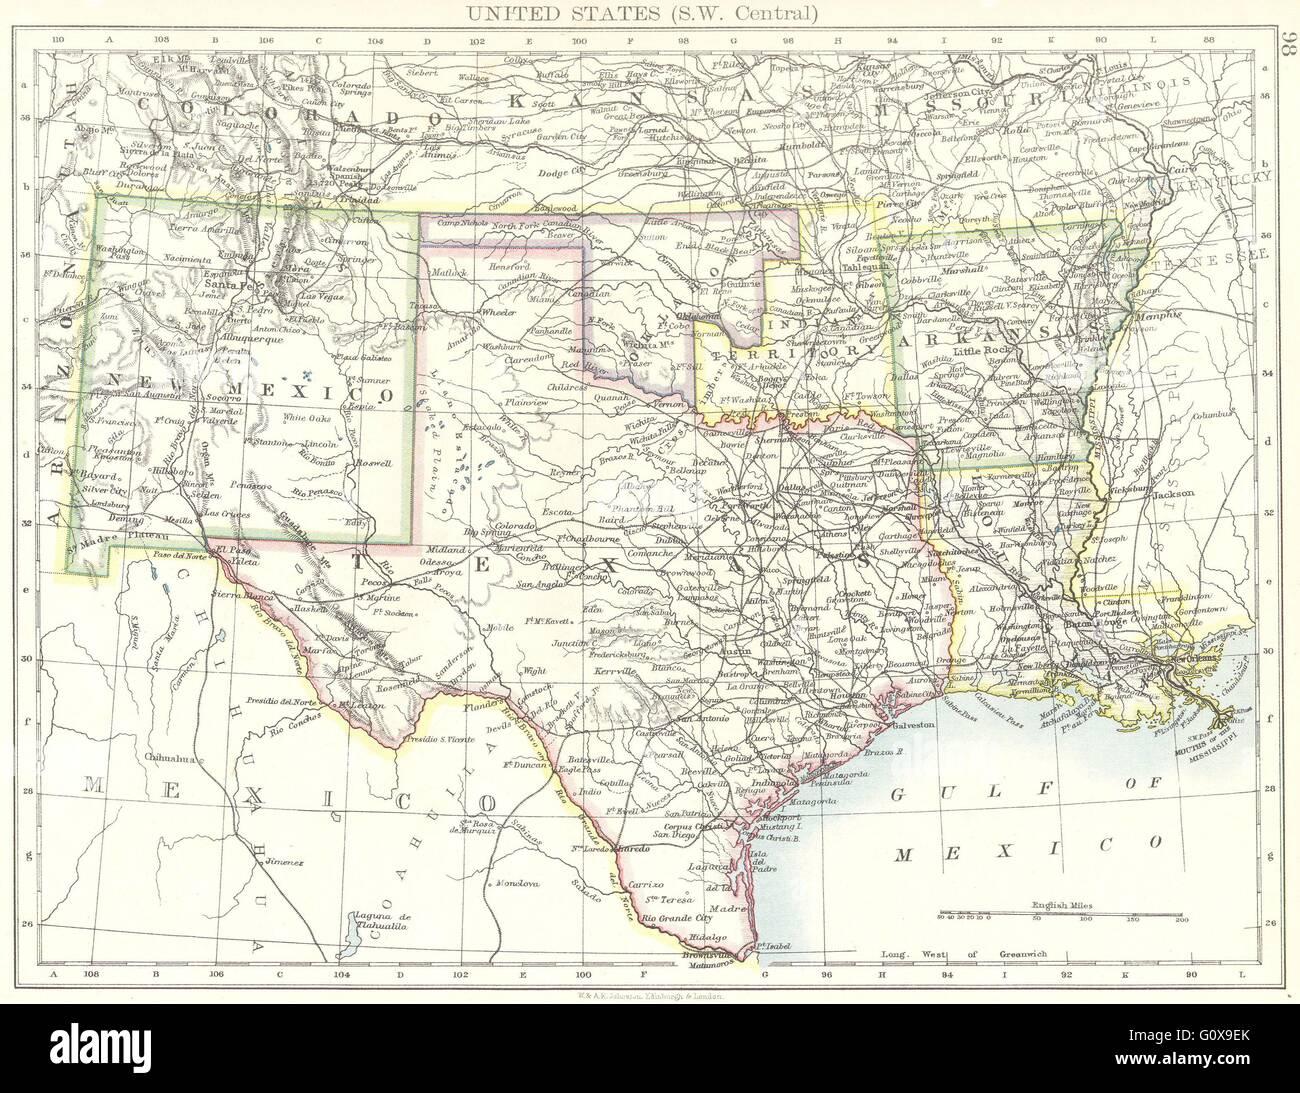 USA SW Central New Mexico Texas Oklahoma